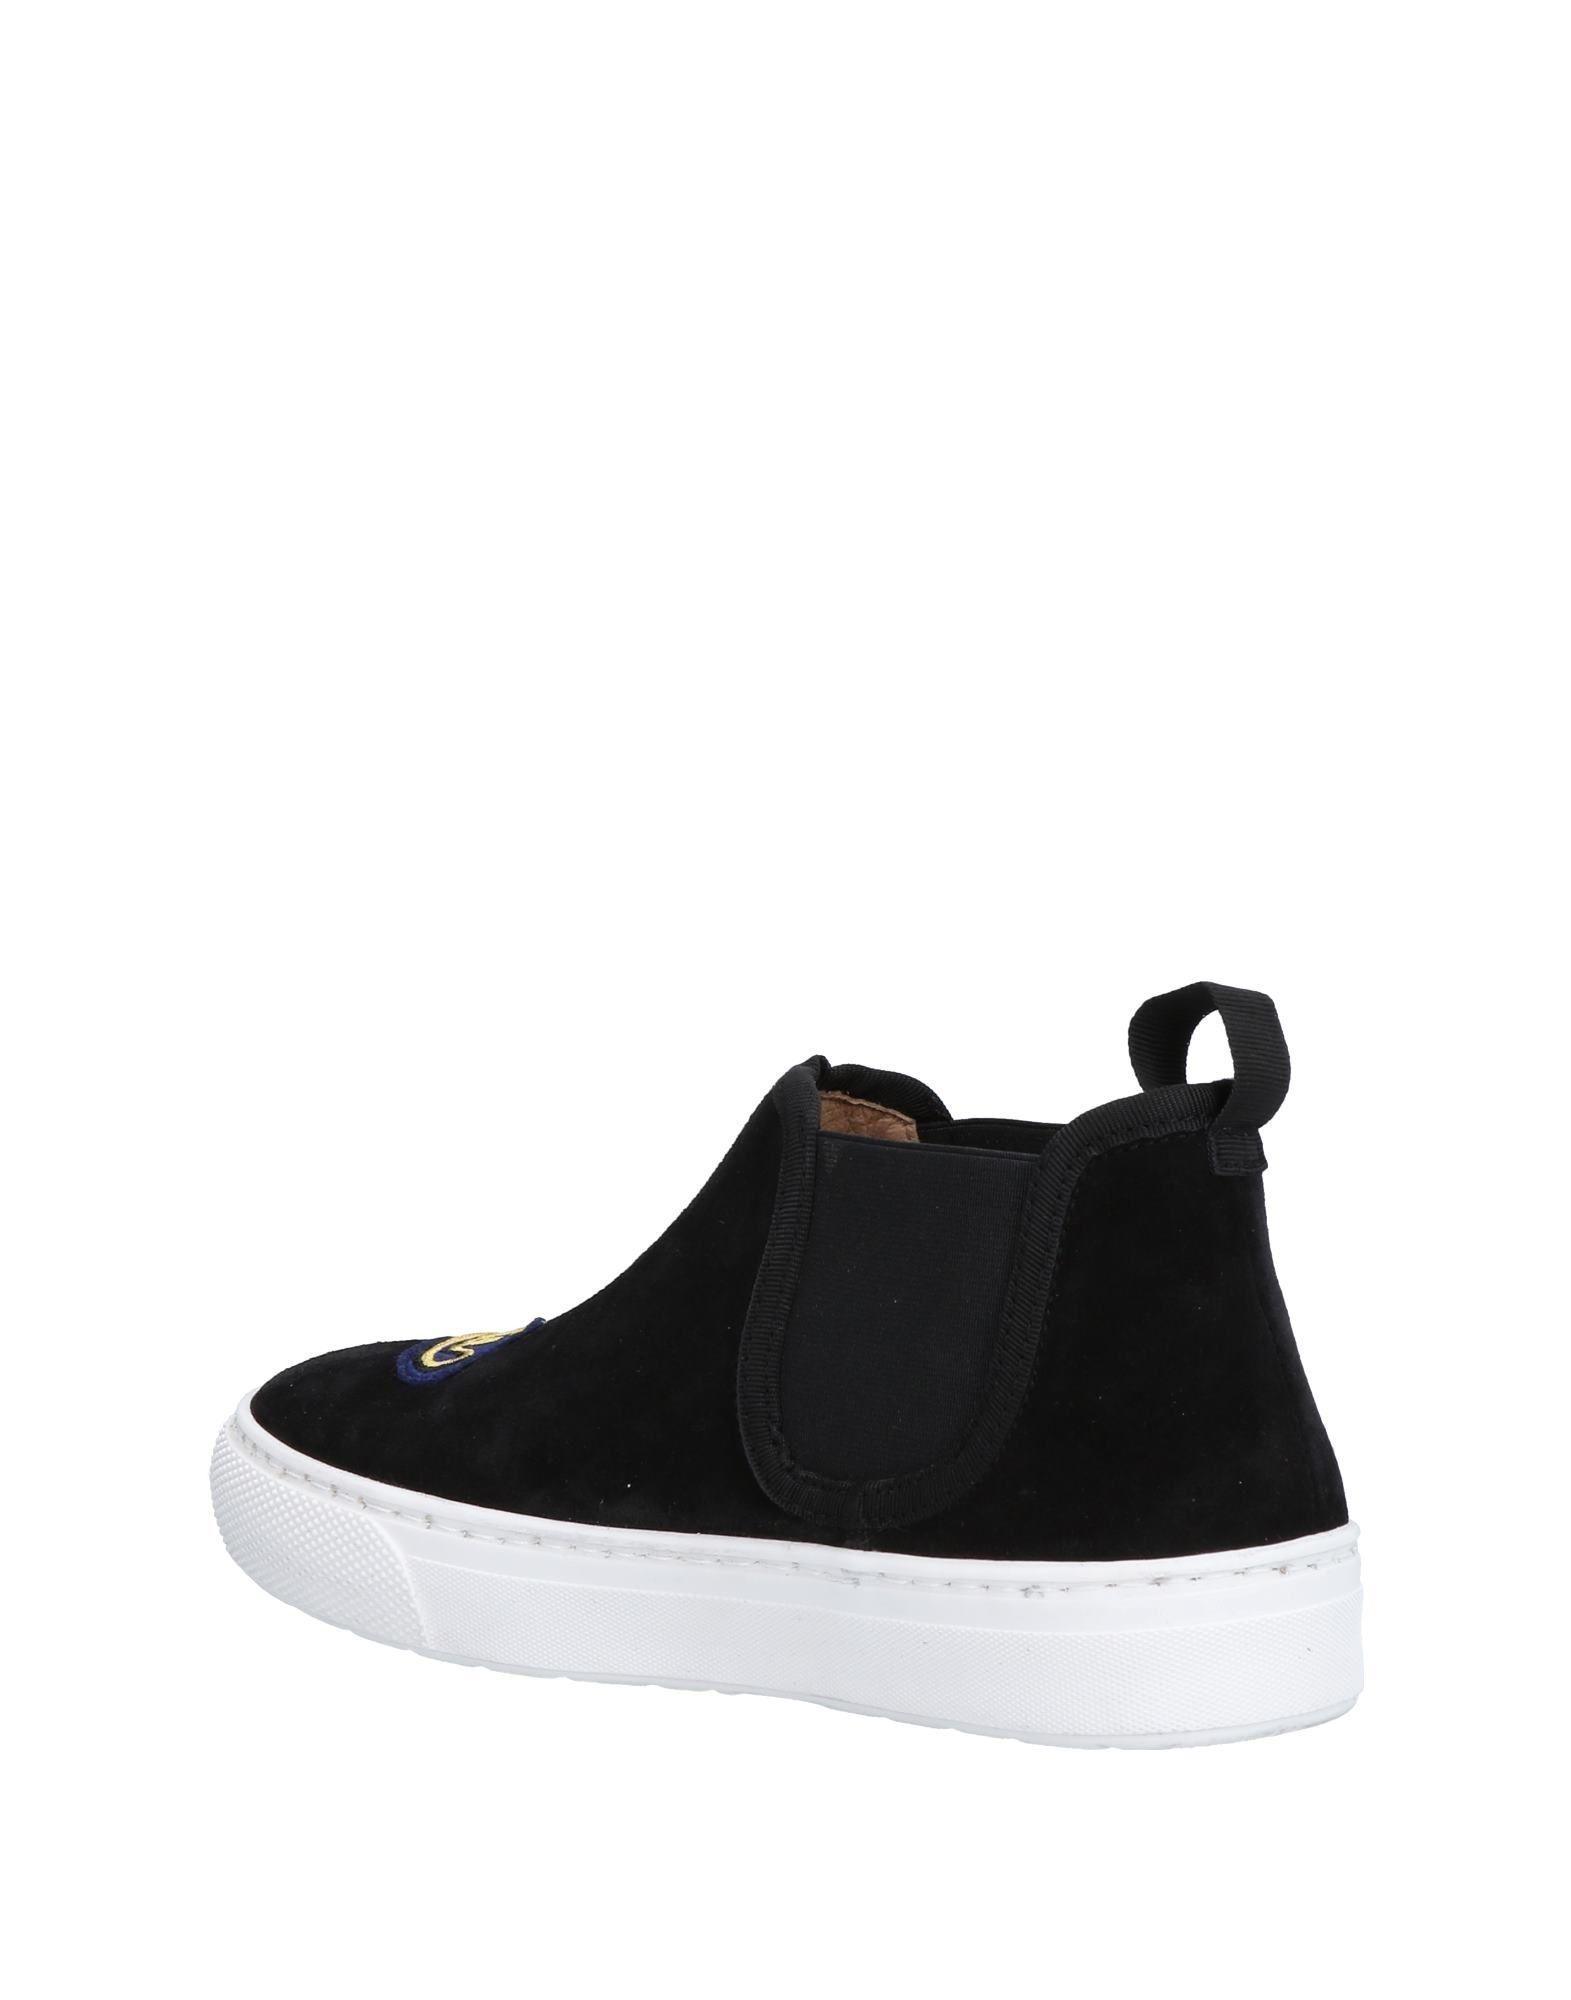 Markus Lupfer Sneakers Damen 11518431MV  11518431MV Damen a3f330